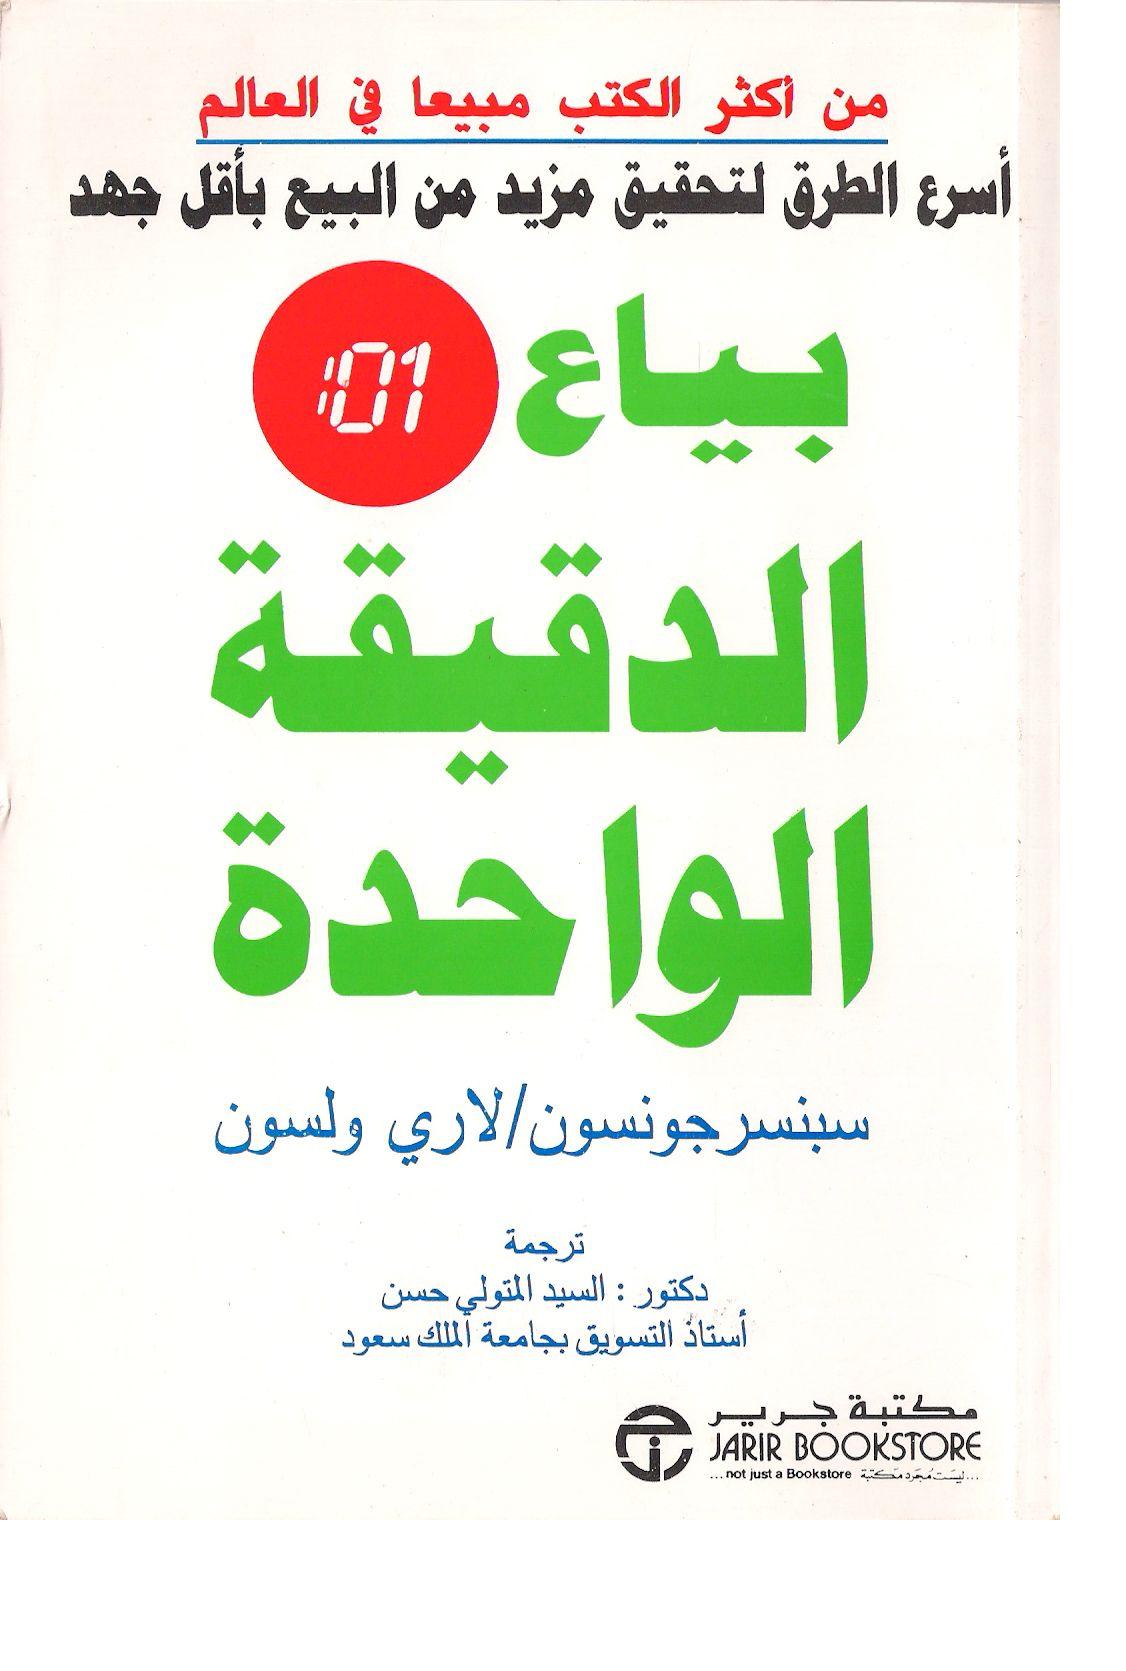 بياع الدقيقة الواحدة Management Books Arabic Books Books